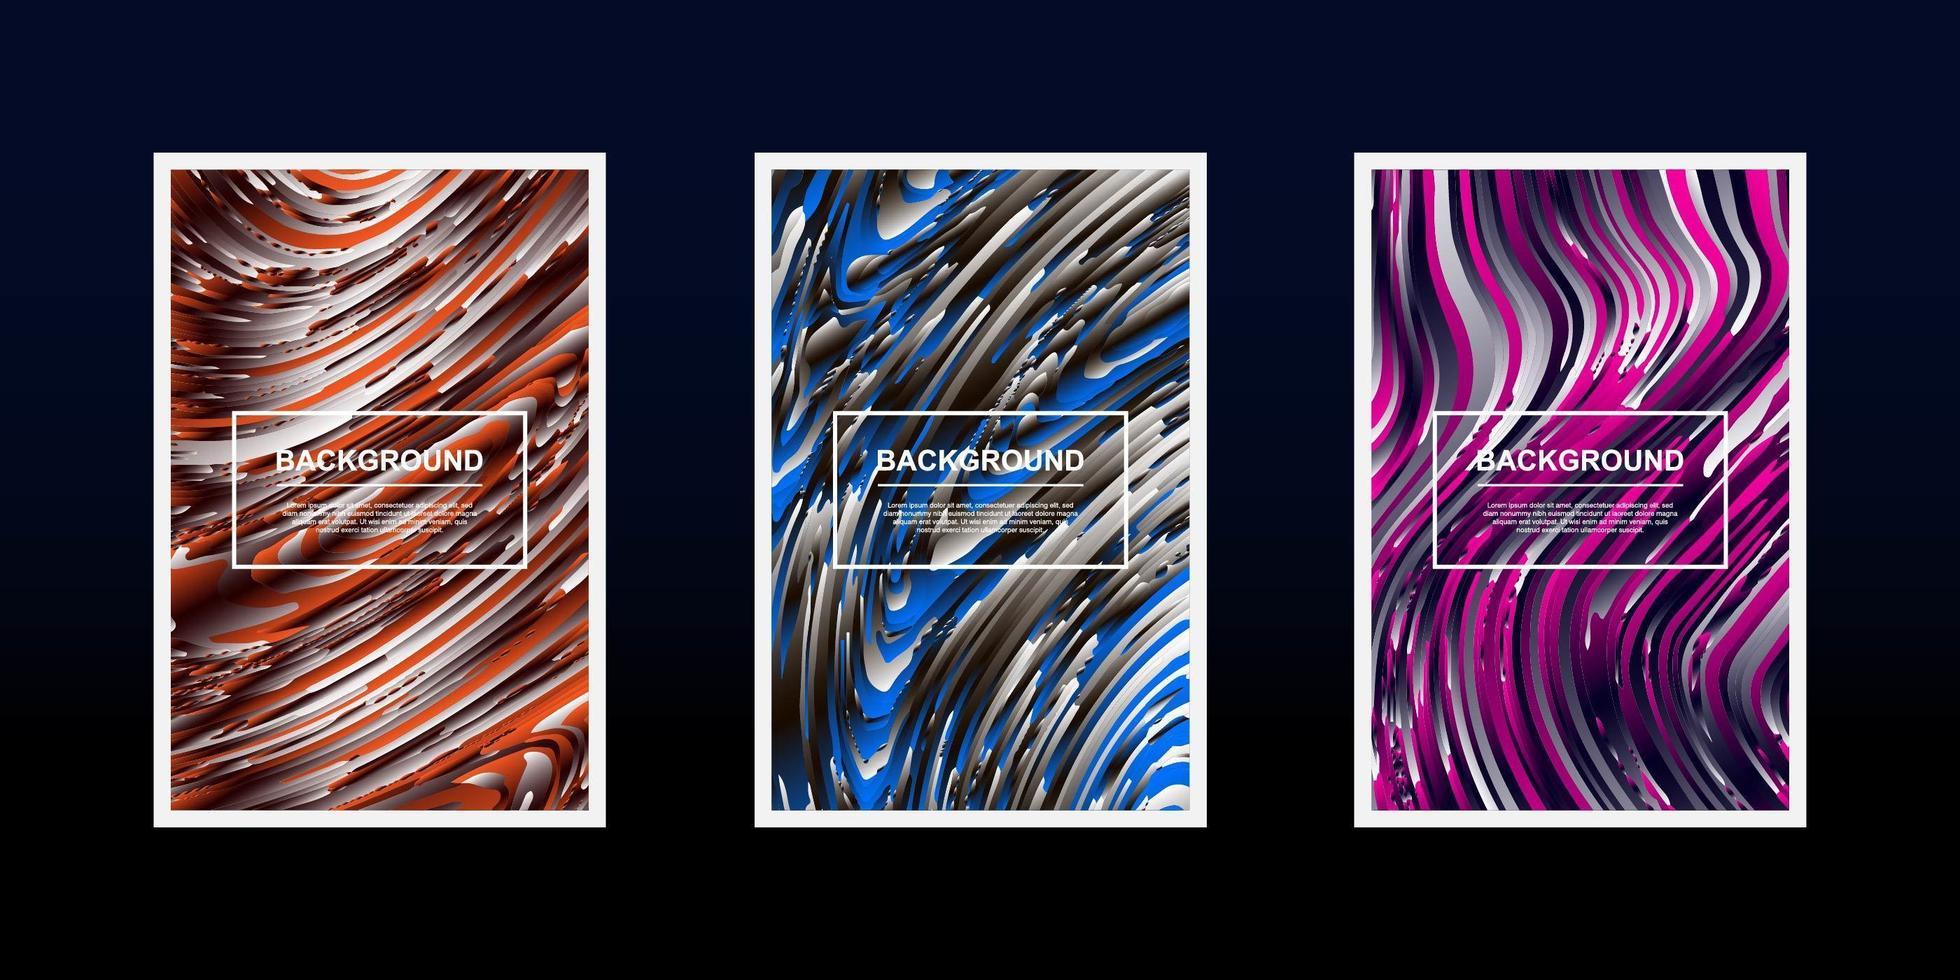 conjunto de cartões de onda de linha texturizada em cores e prata vetor